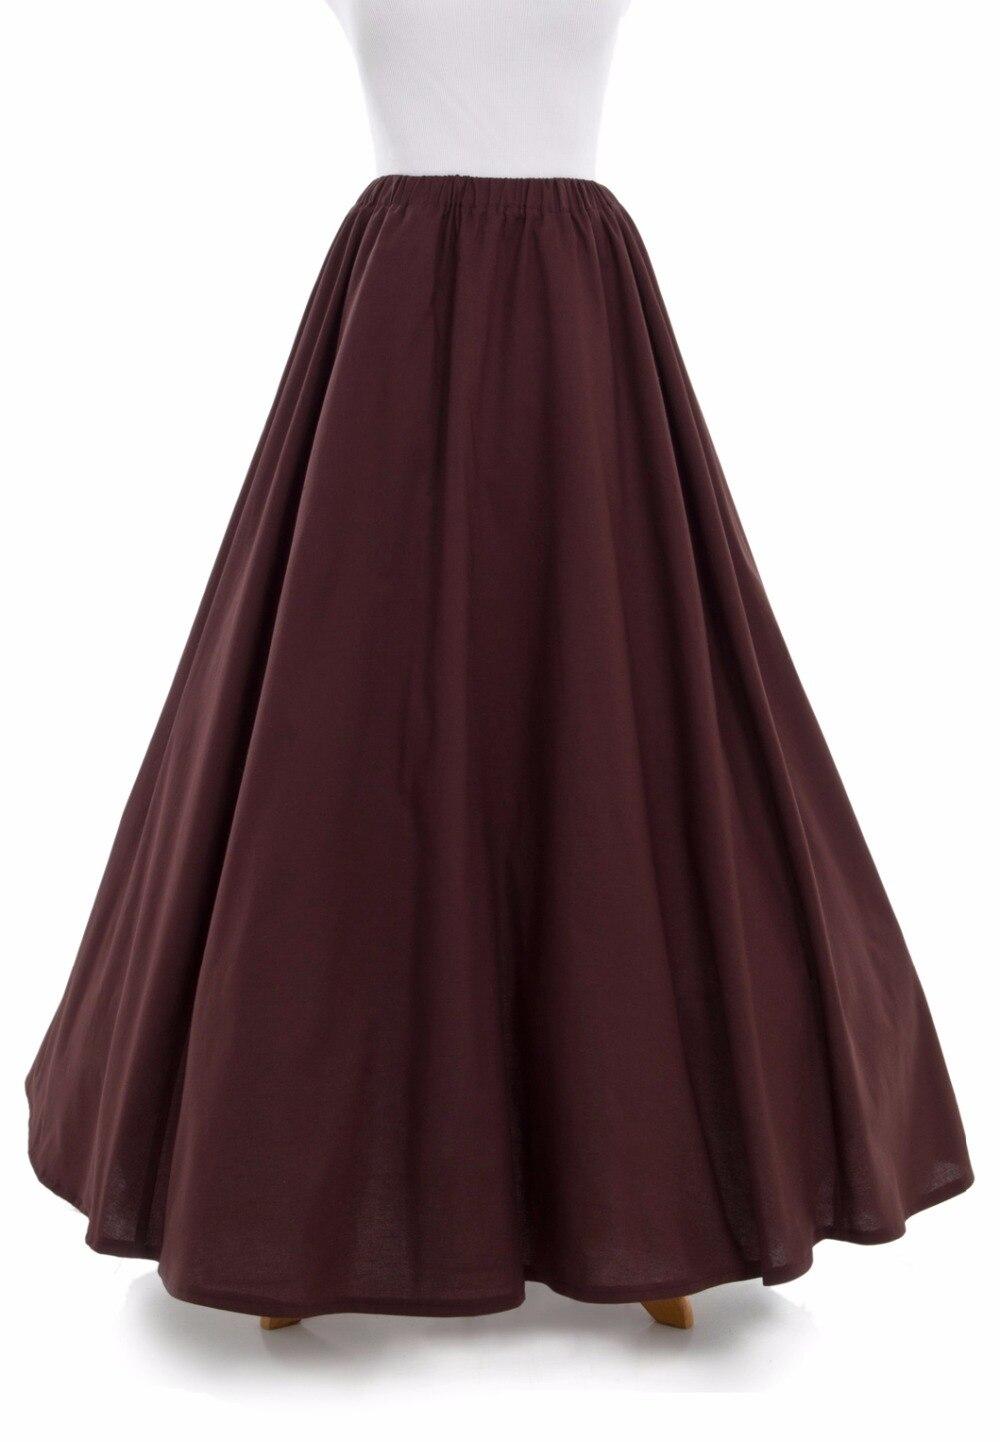 Victorian Falda Reunieron Victoriano Color Francés Faldas Plisado Algodón Bullicio qHwwa